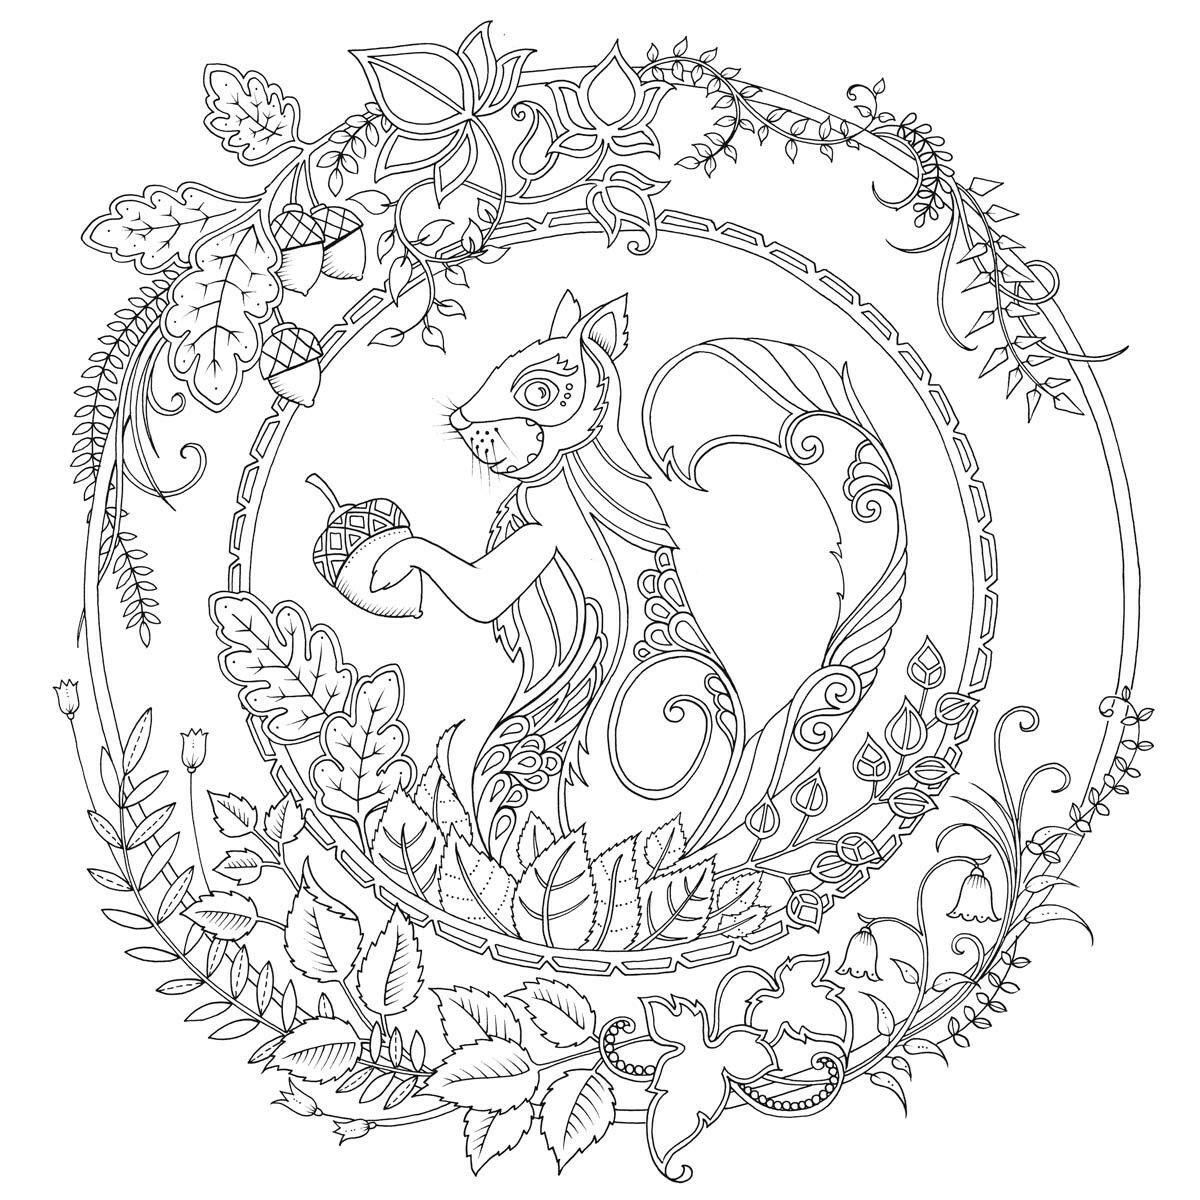 Pin de Edyta Bajena en coloring | Pinterest | Mandalas, Hechos y ...